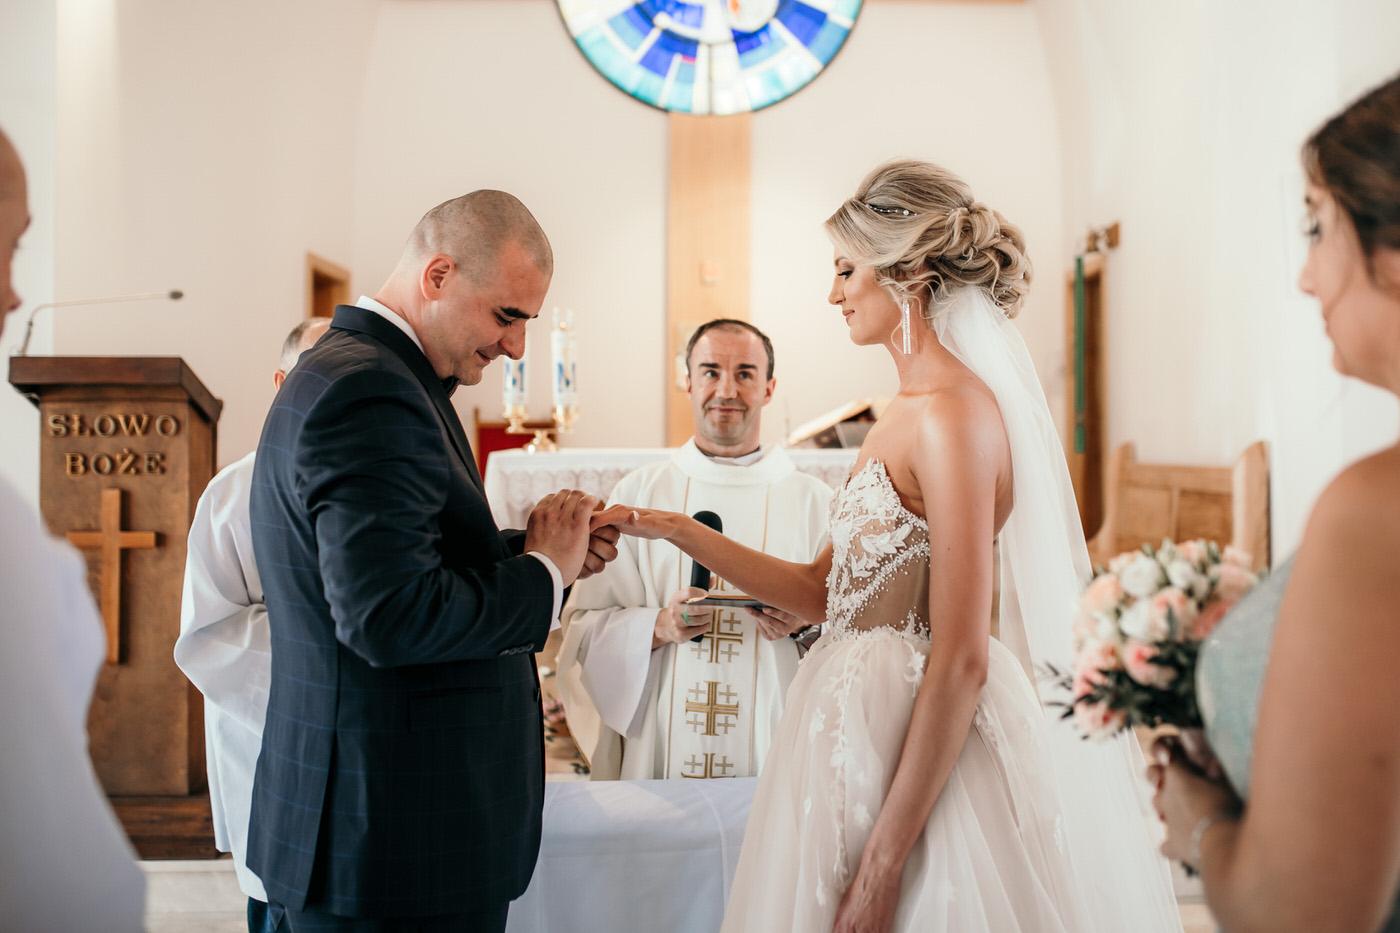 Slow Wedding - nowoczesne wesele Gdańsk 34